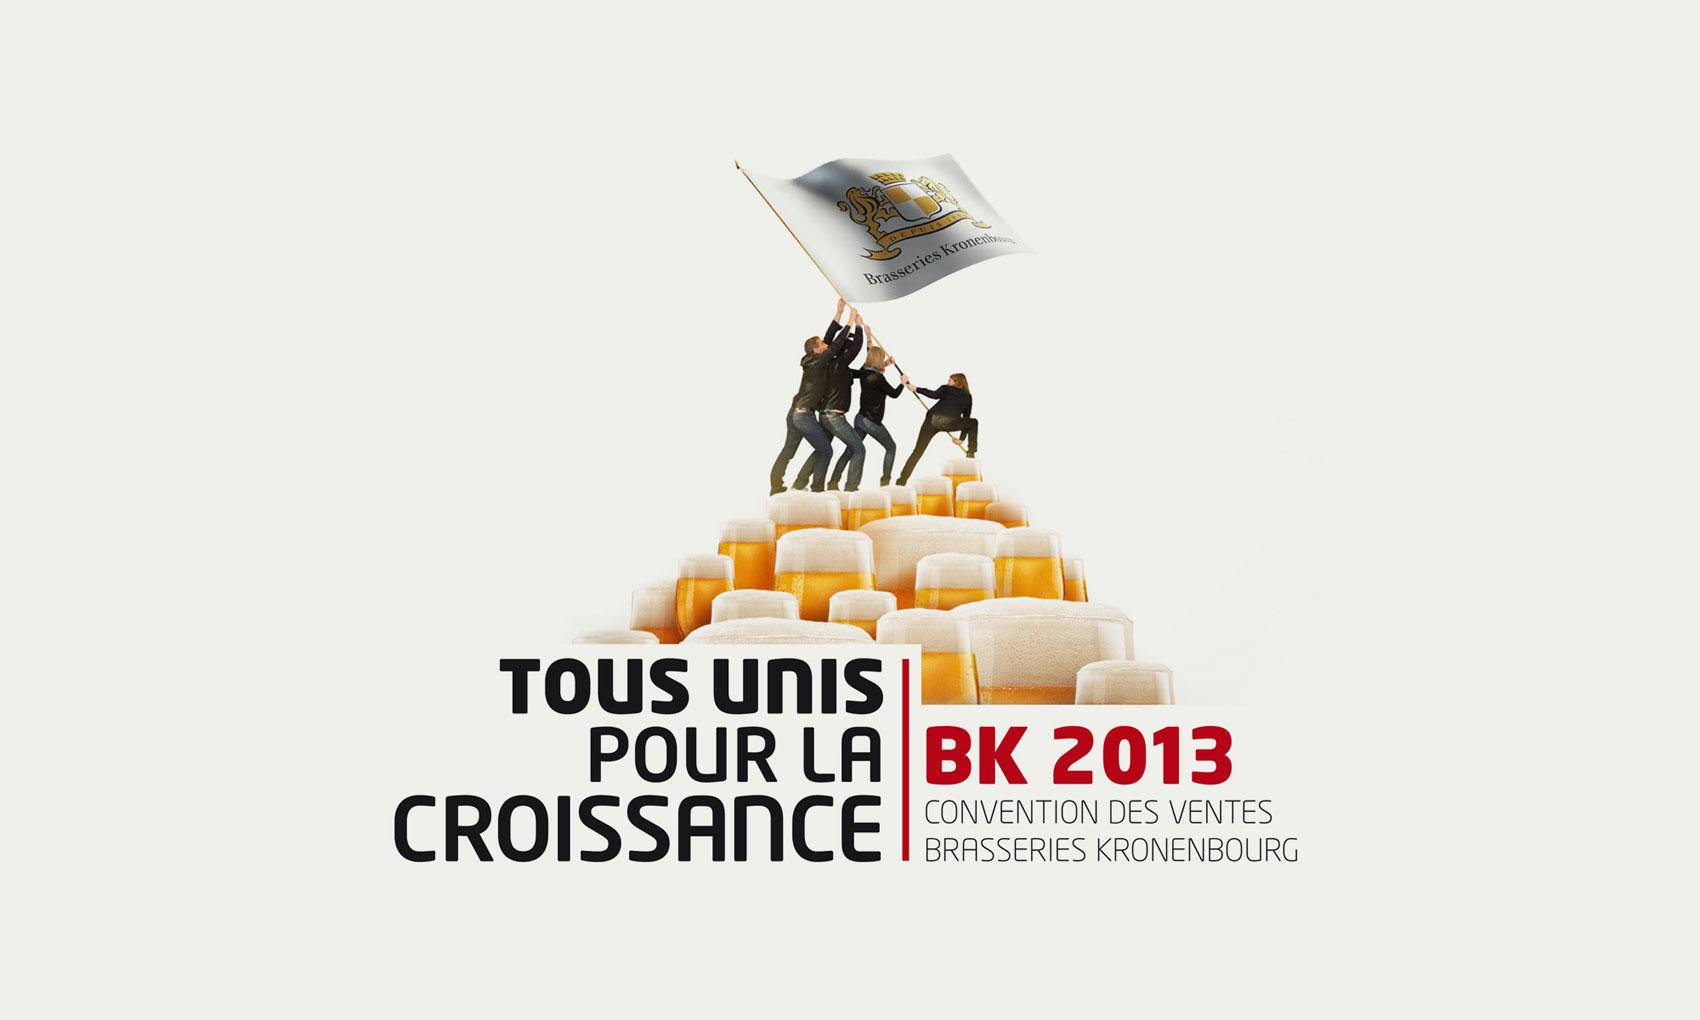 convention-kronenbourg-2013-1